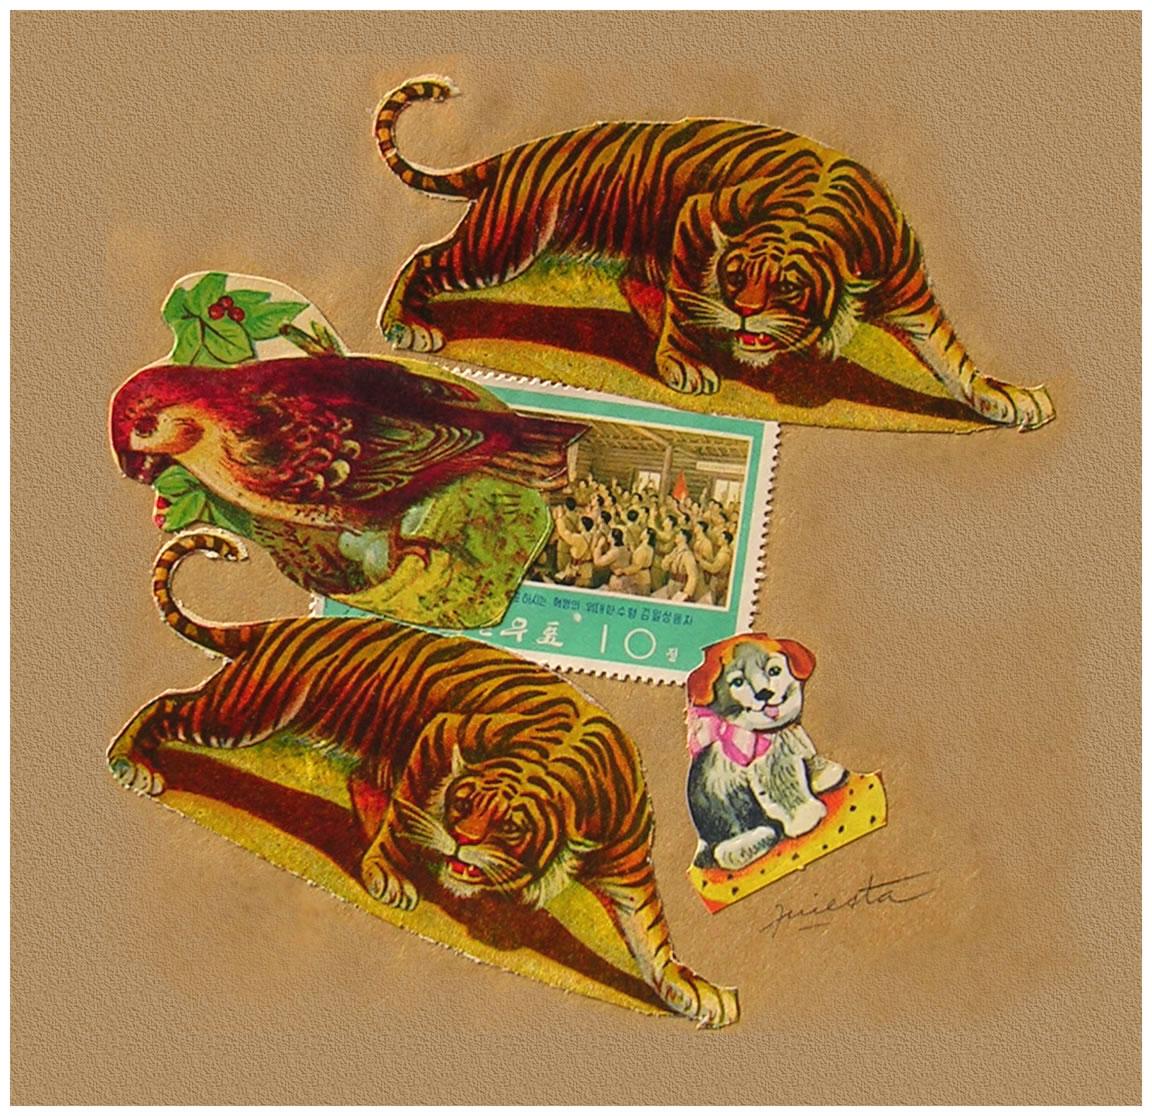 Tigres,  papel collage, 15 cm x 15 cm, 1999